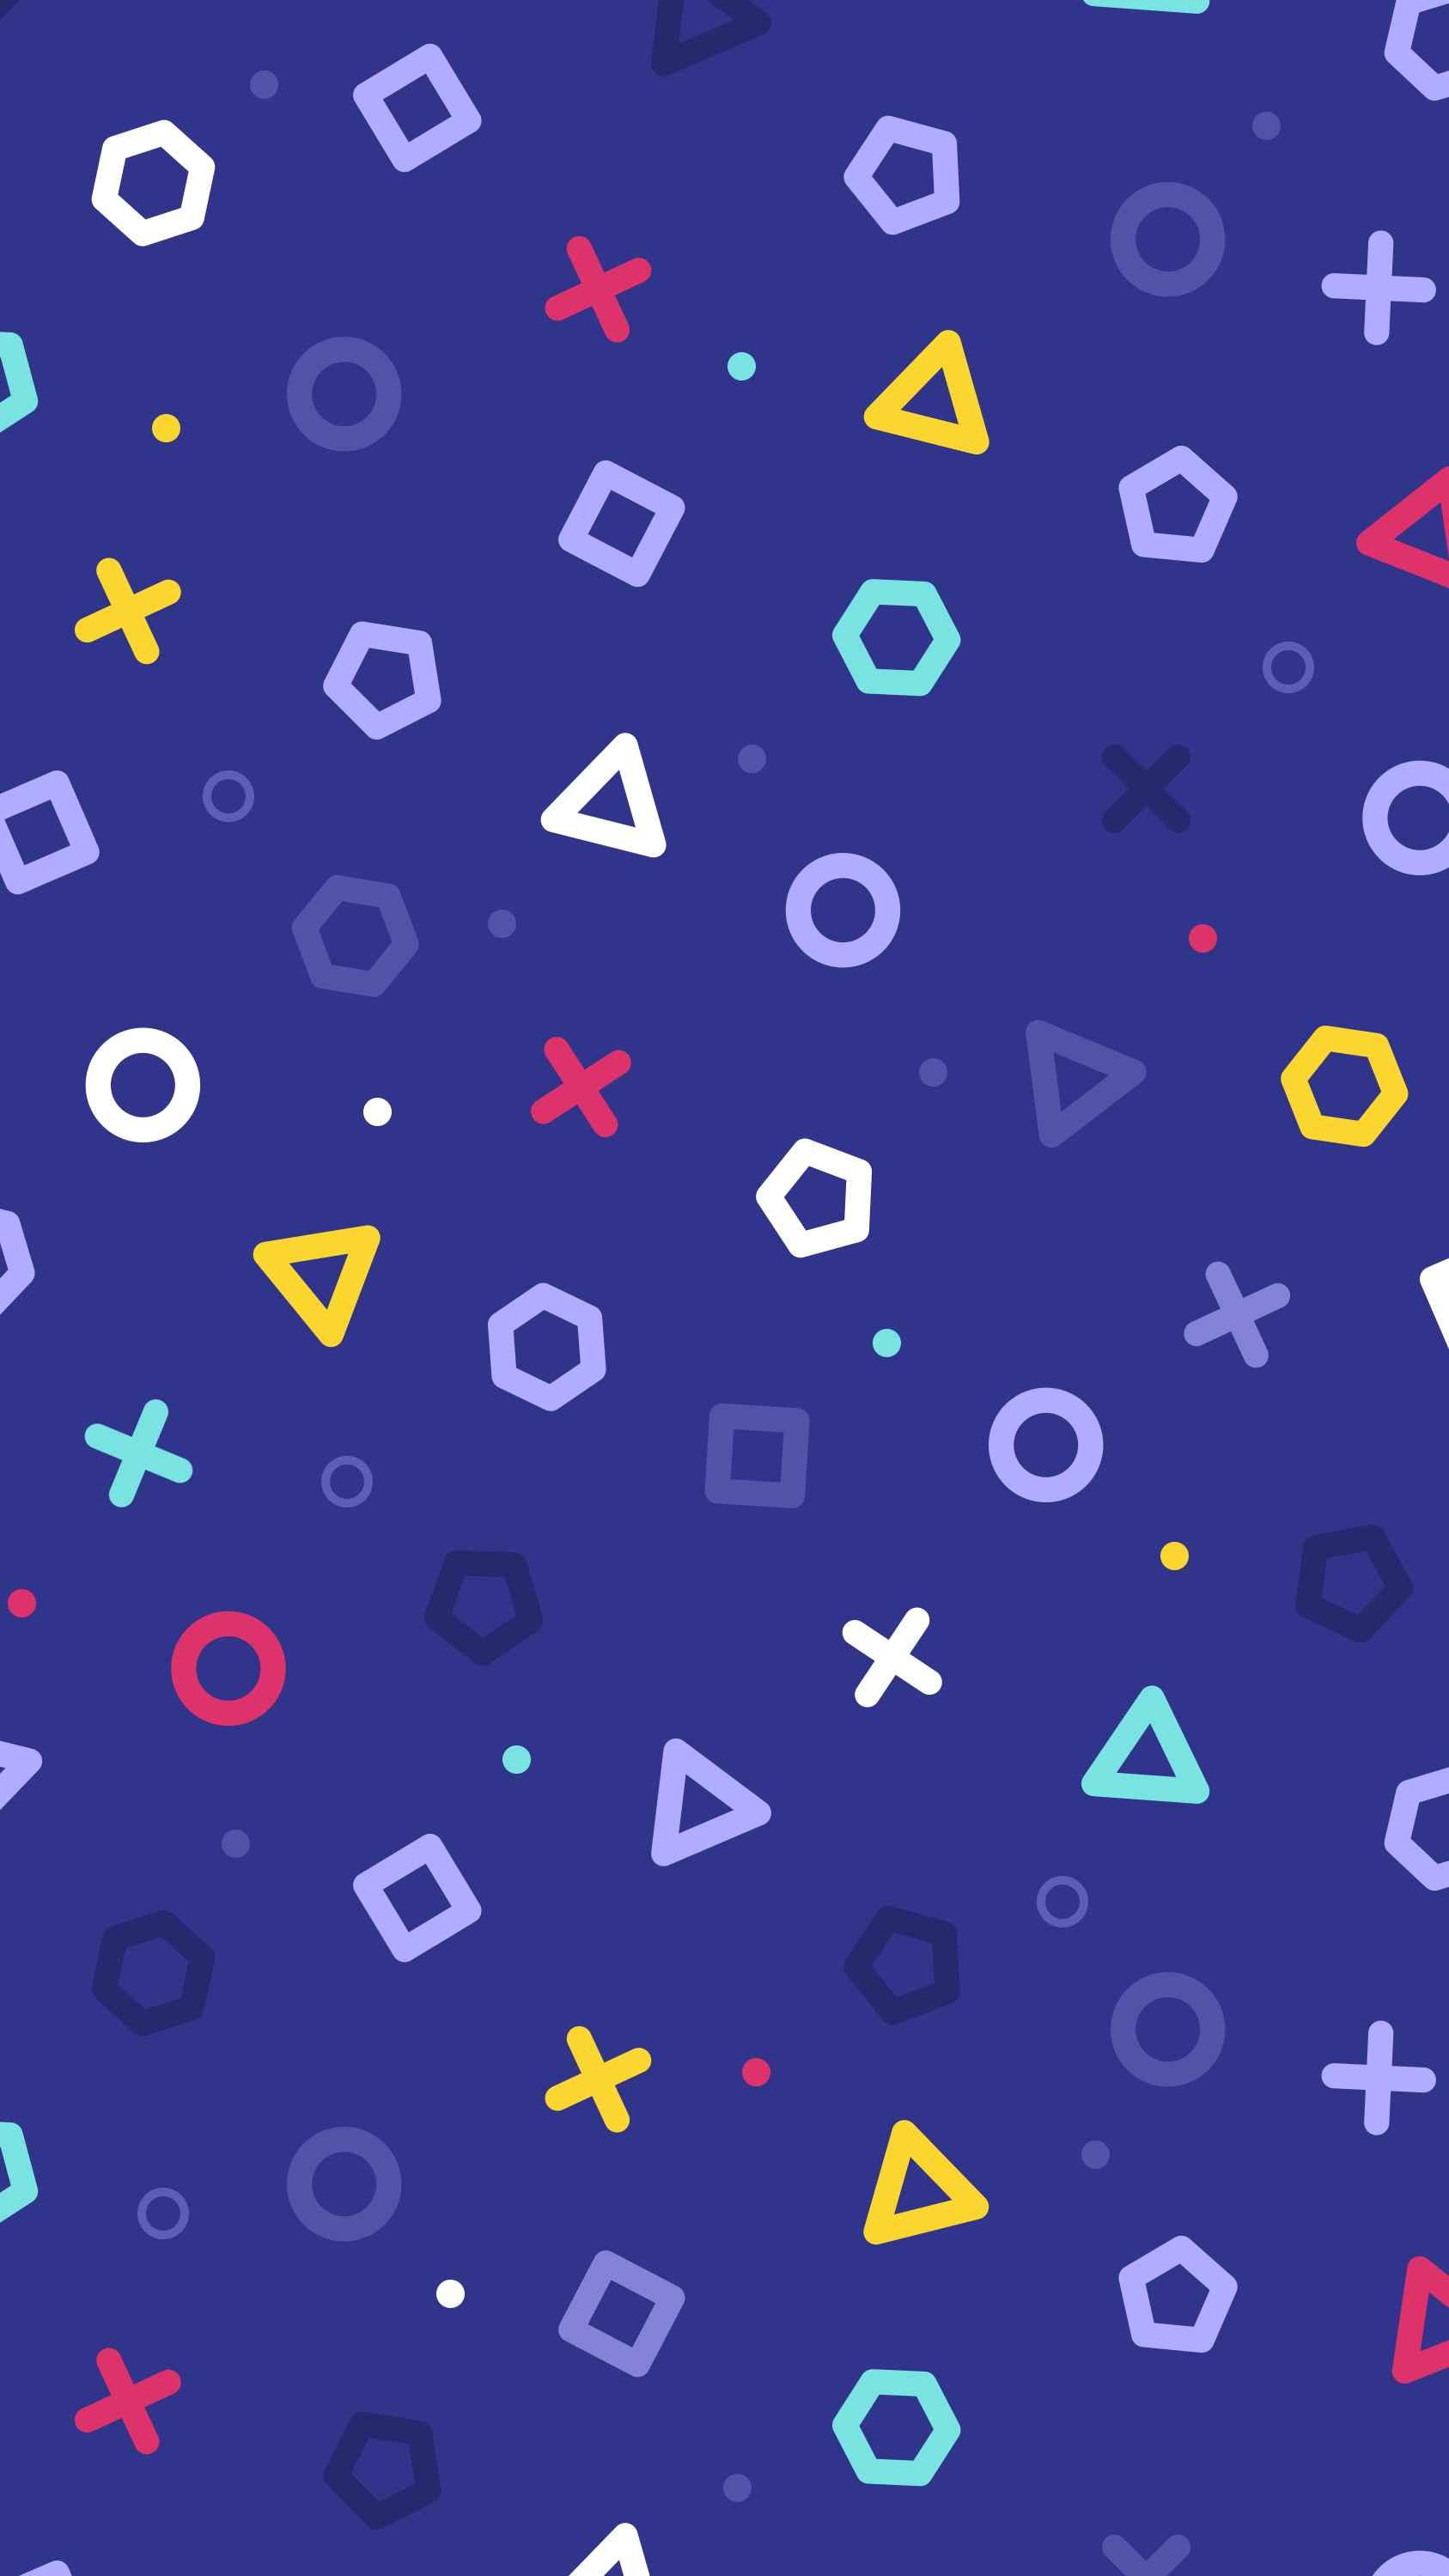 HQ Dots iPhone Wallpaper